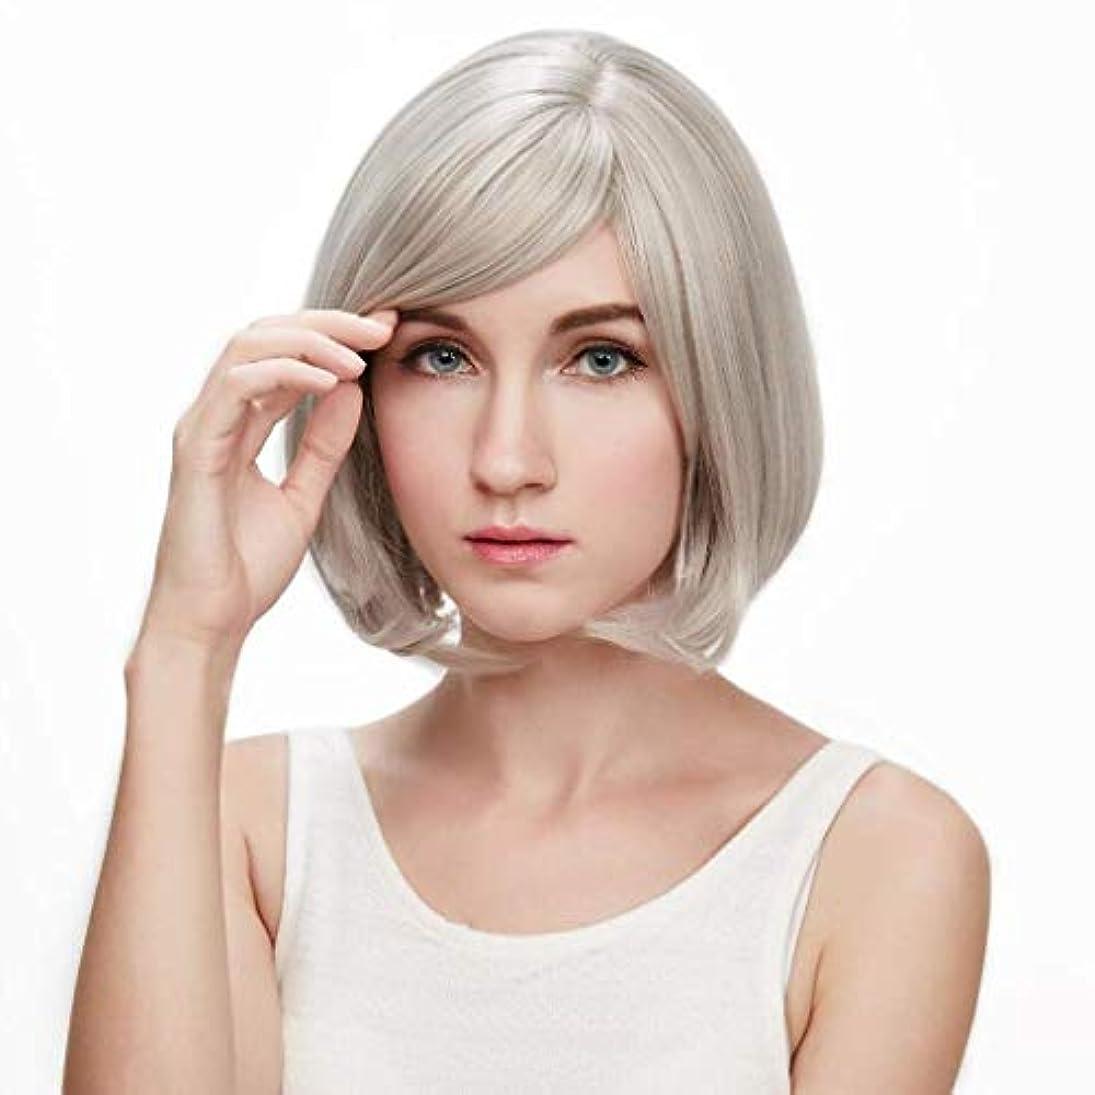 覚醒ソフトウェア未接続LRLTERRY 女性用ウィッグ、レディースホワイトショートストレートヘアリアルヘアライクリアルヘア